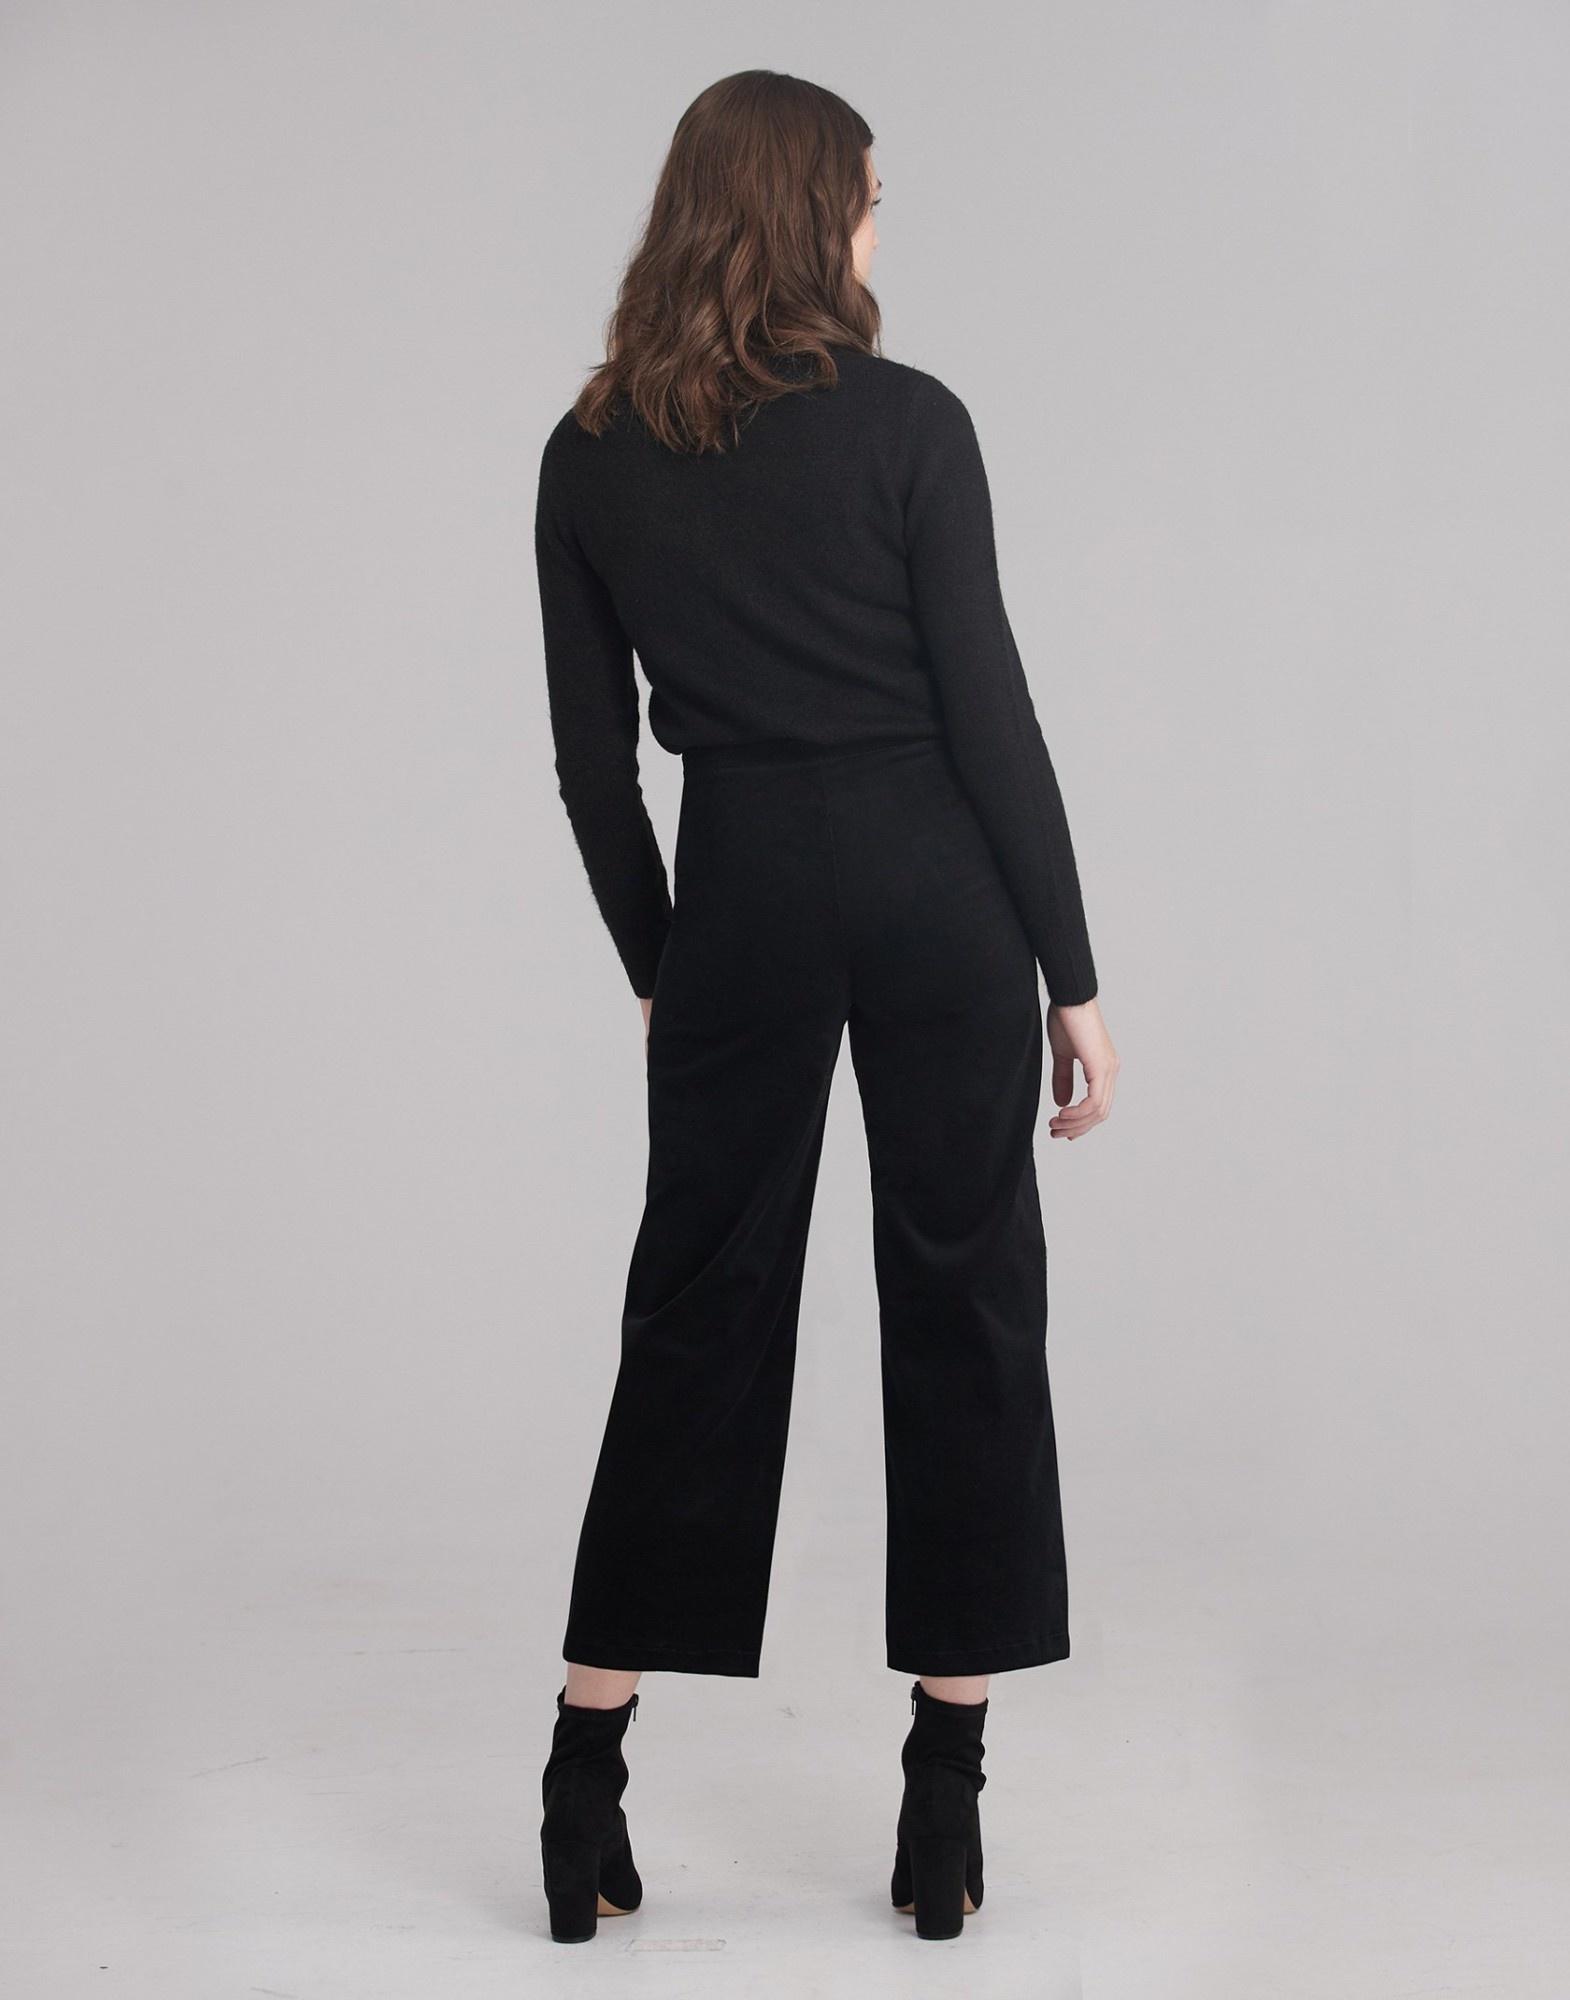 Yoga Jeans LILY WIDE LEG CORDUROY / Black